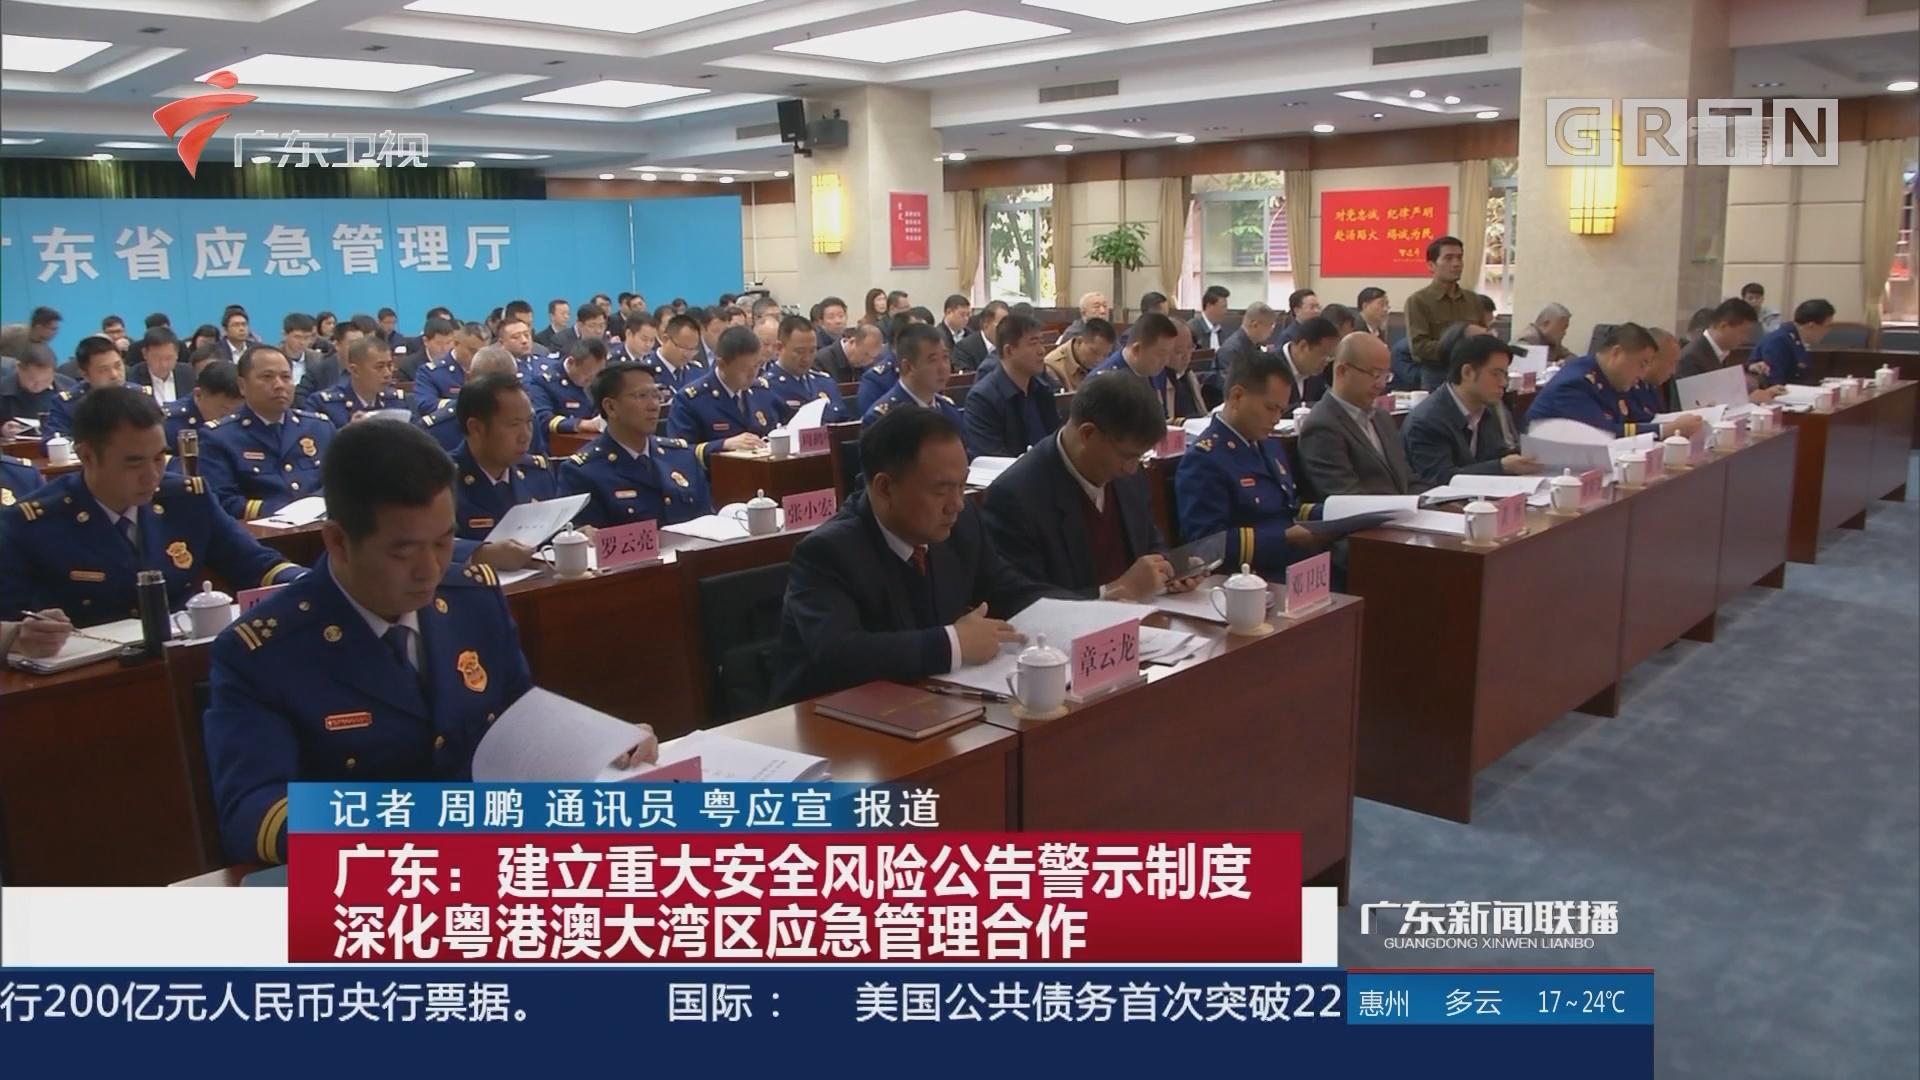 广东:建立重大安全风险公告警示制度 深化粤港澳大湾区应急管理合作